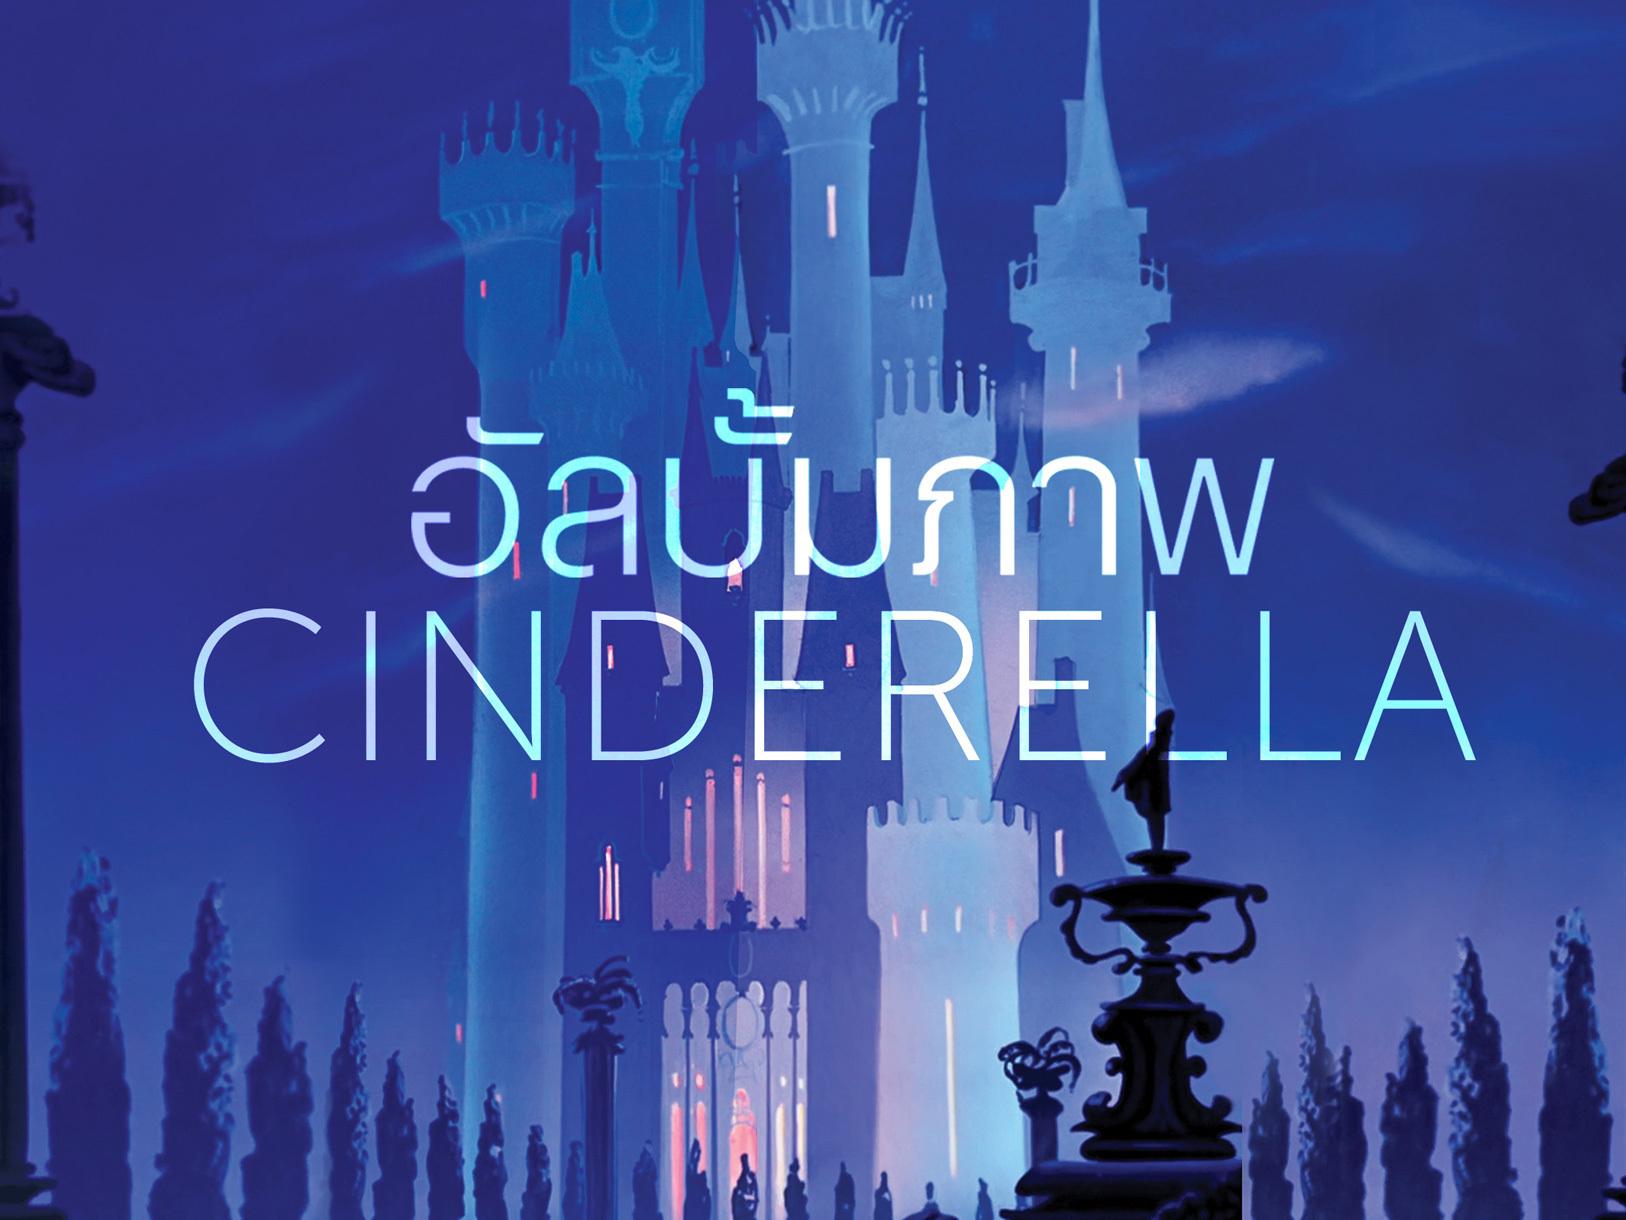 อัลบั้มภาพ Cinderella